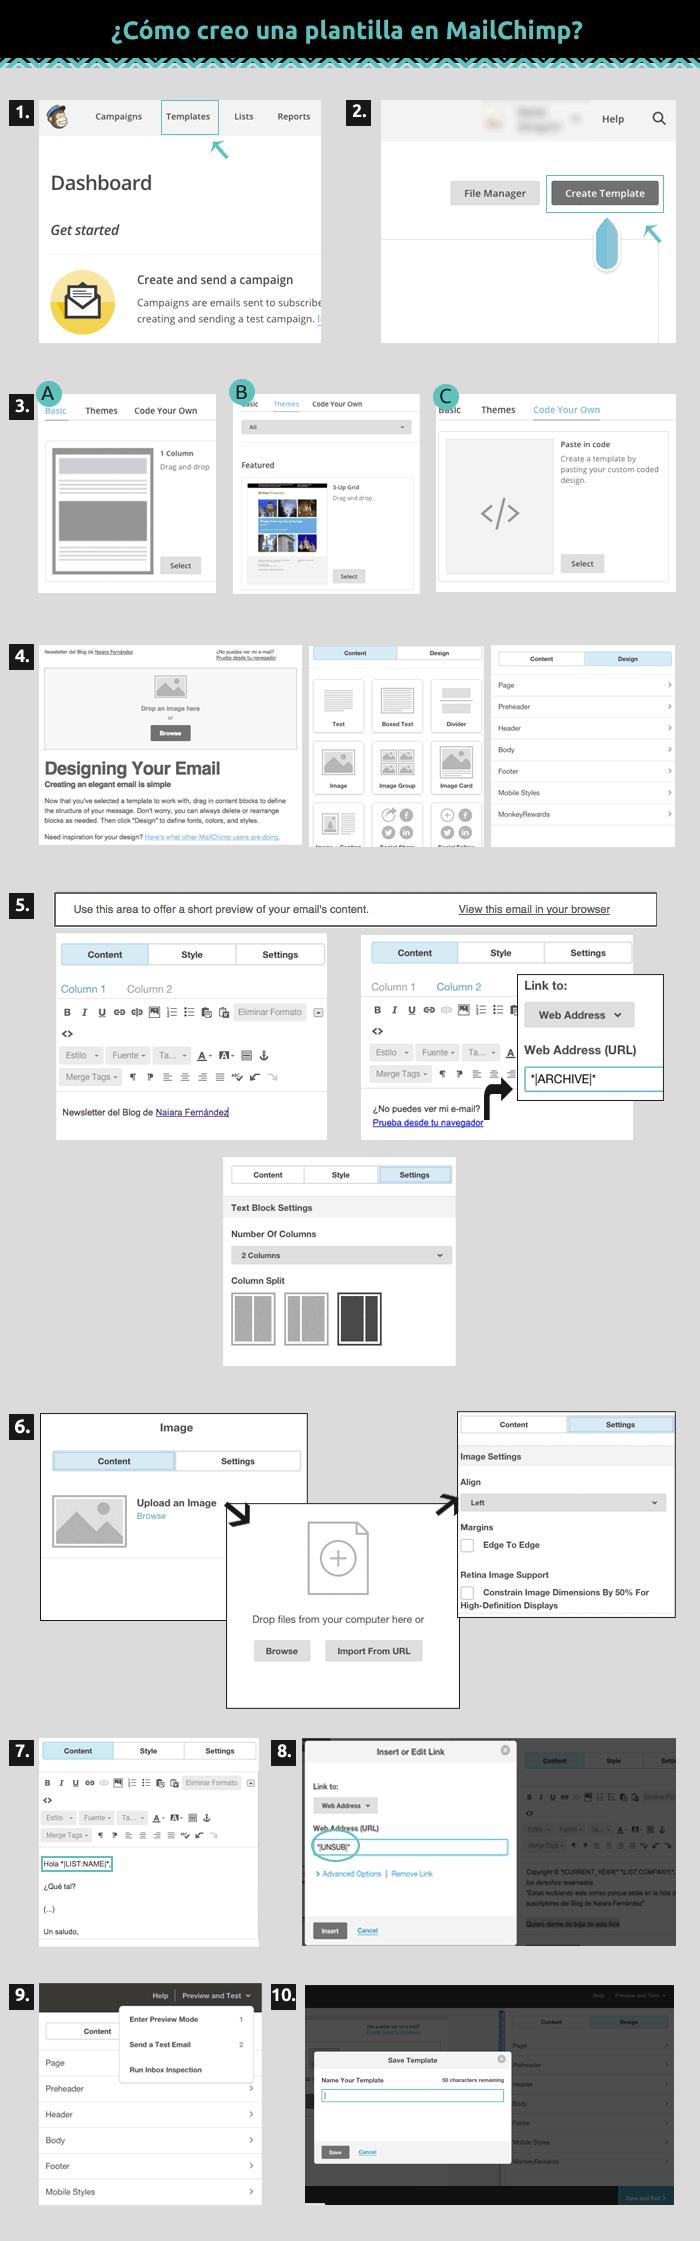 como-crear-una-plantilla-en-mailchimp